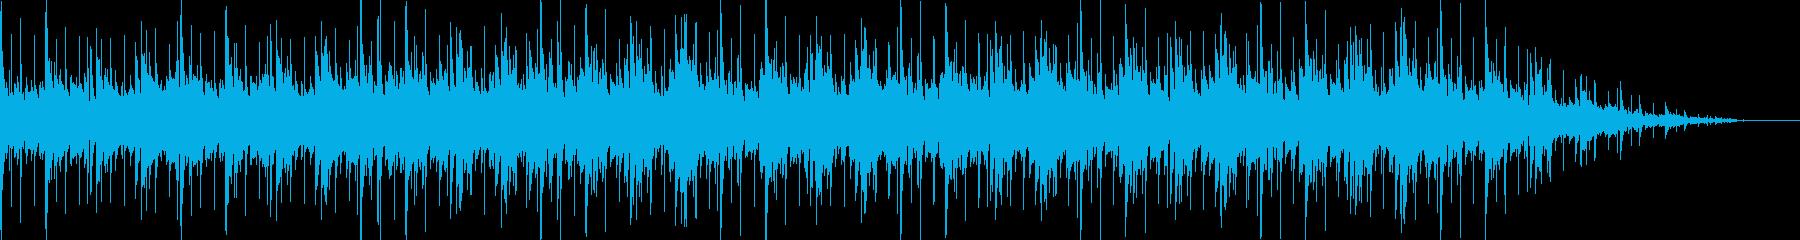 アコギとピアノの軽快なラテン系音楽の再生済みの波形